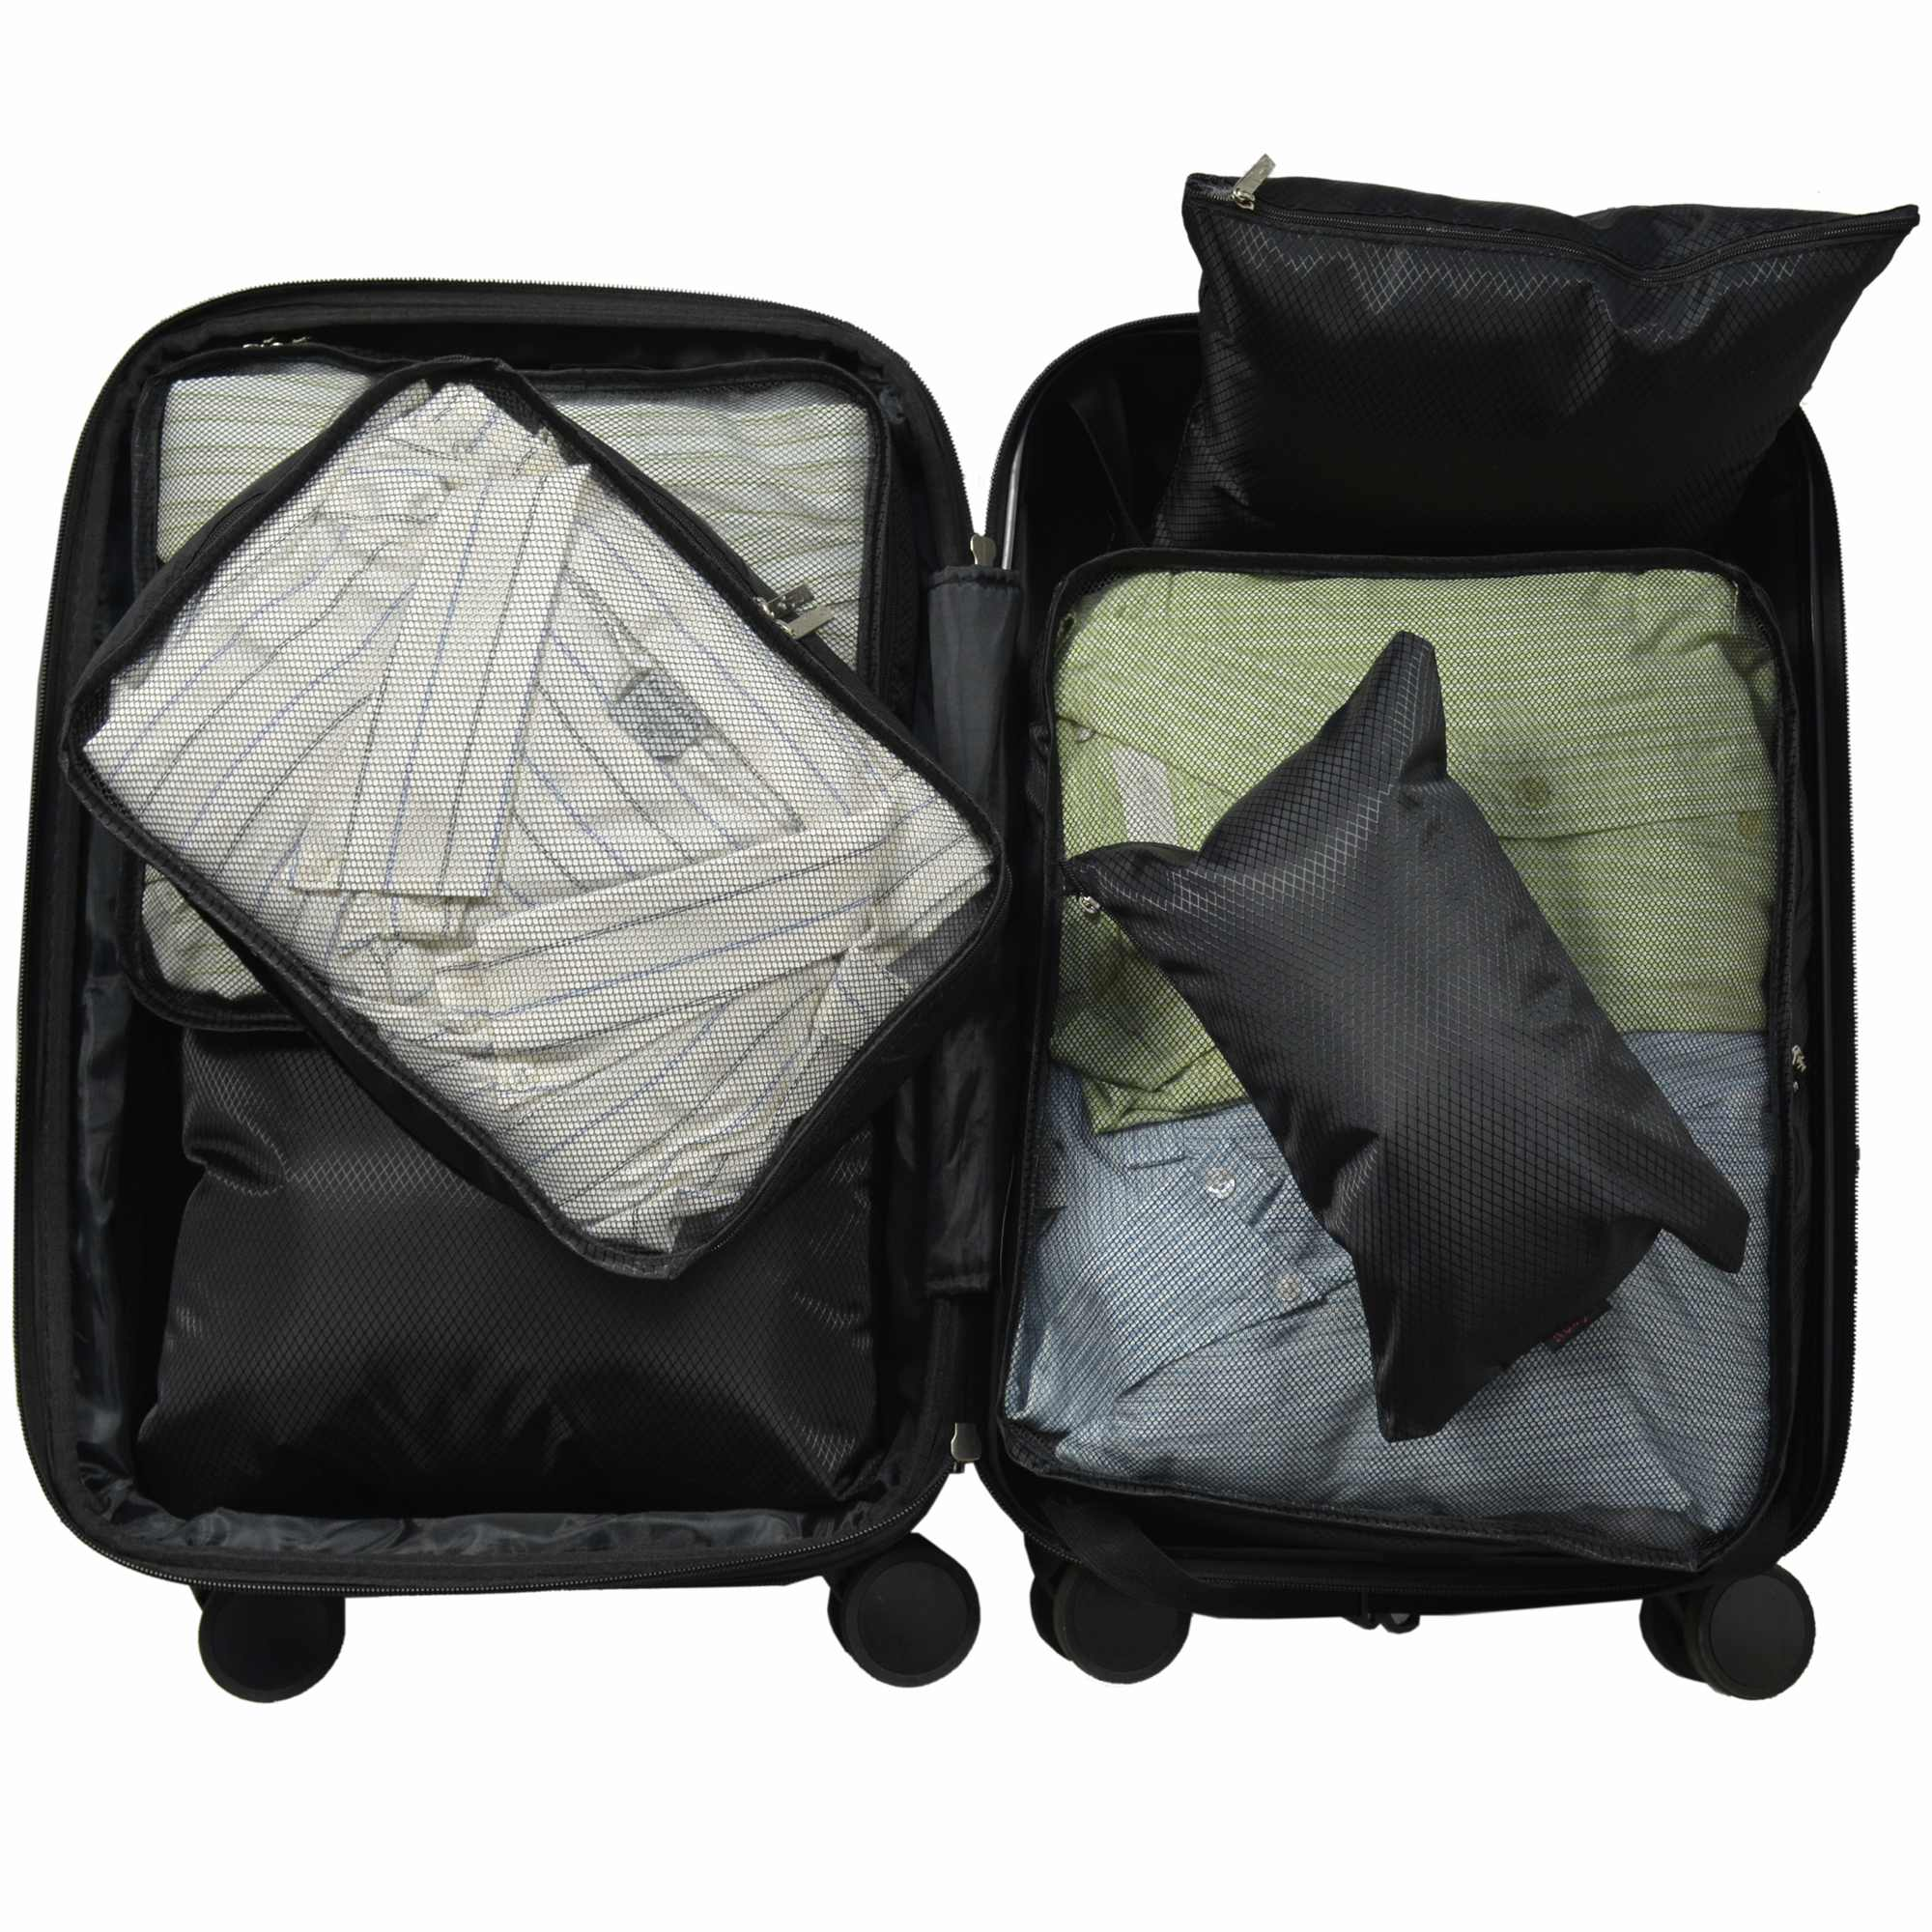 Organizador de Mala Viagem Necessaire Kit 6 Peças Preto CBRN12756